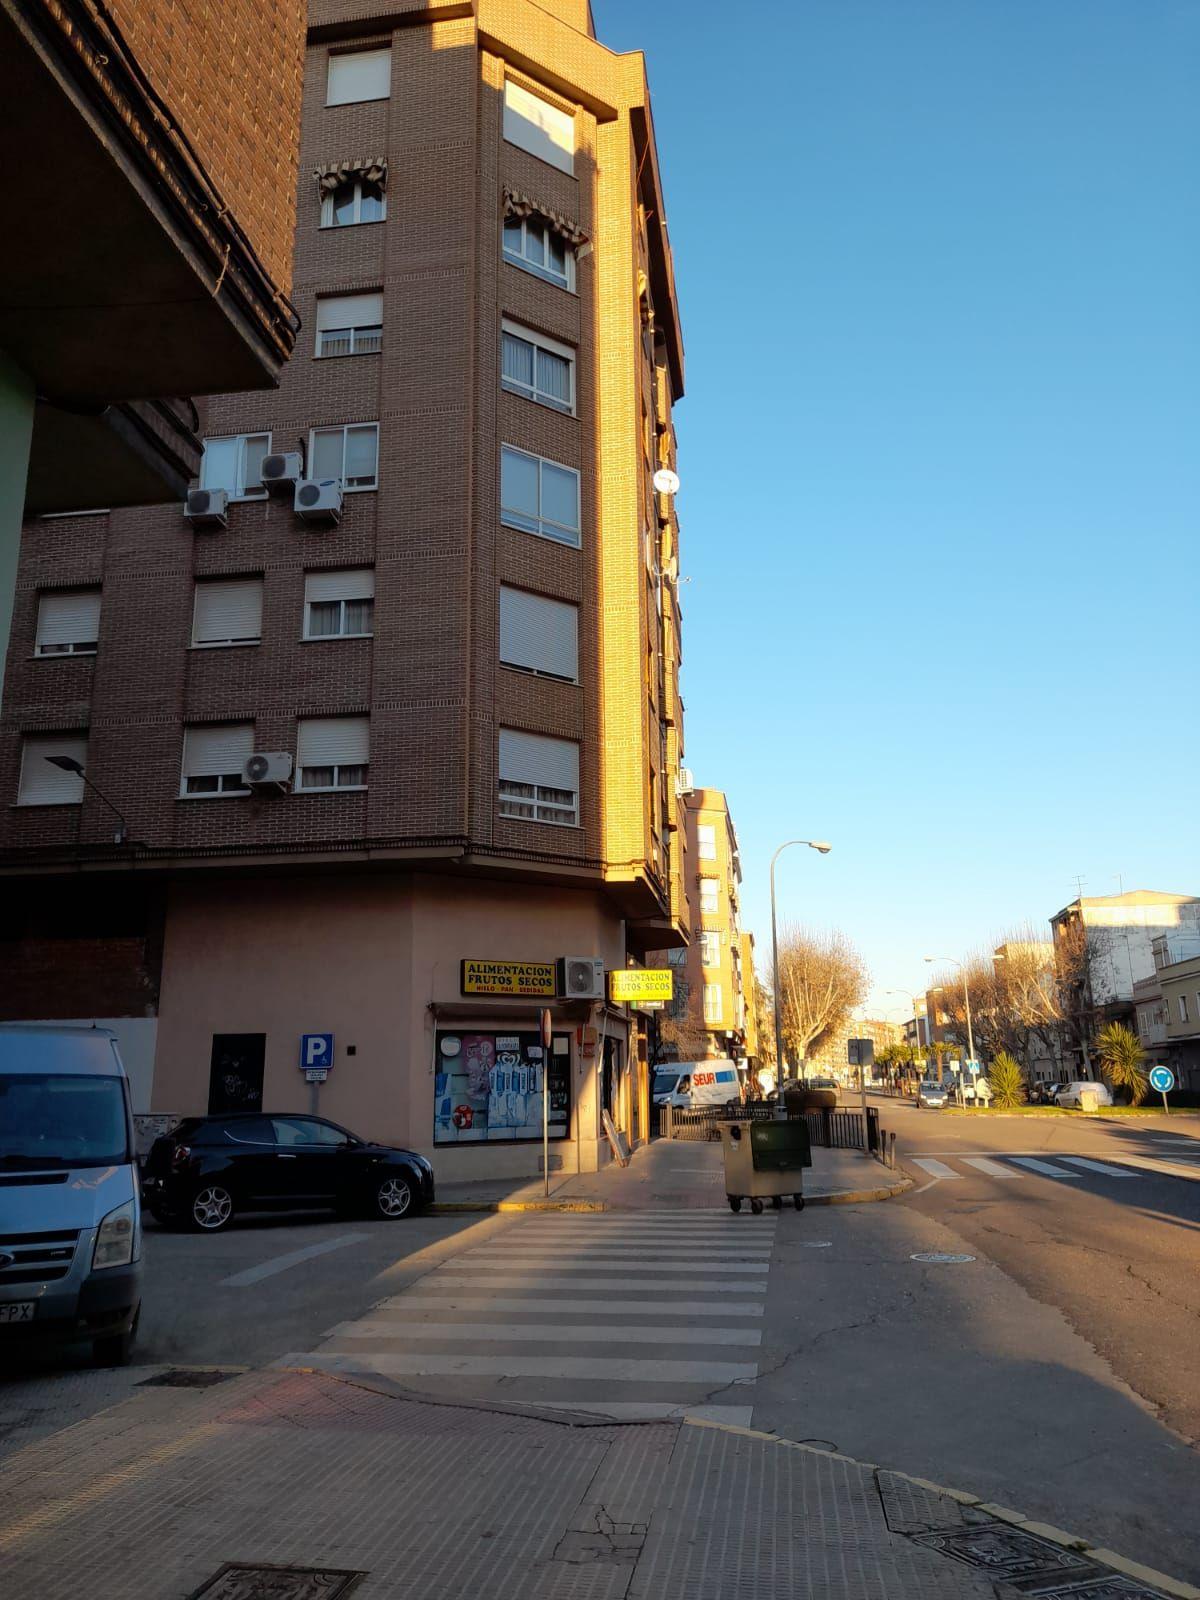 Piso en venta en Talavera de la Reina, Toledo, Calle Dr Arias Maldonado, 78.000 €, 3 habitaciones, 2 baños, 131 m2